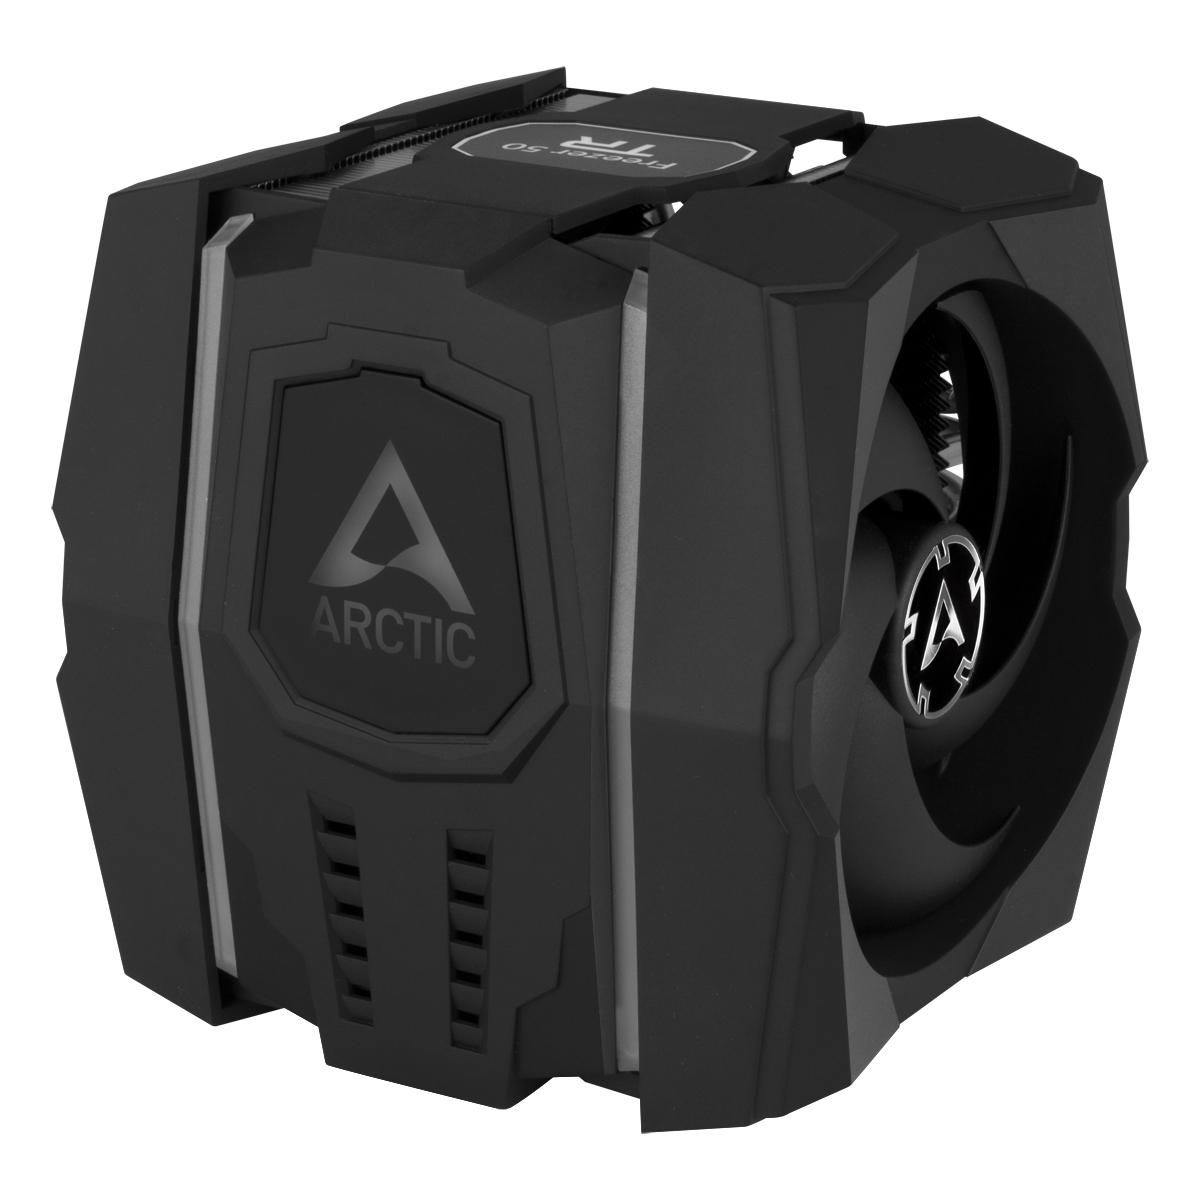 Dual Tower CPU-Kühler für AMD Ryzen™ Threadripper™ ARCTIC Freezer 50 TR Detailansicht Kunststoffabdeckung mit adressierbarer RGB-LED-Beleuchtung